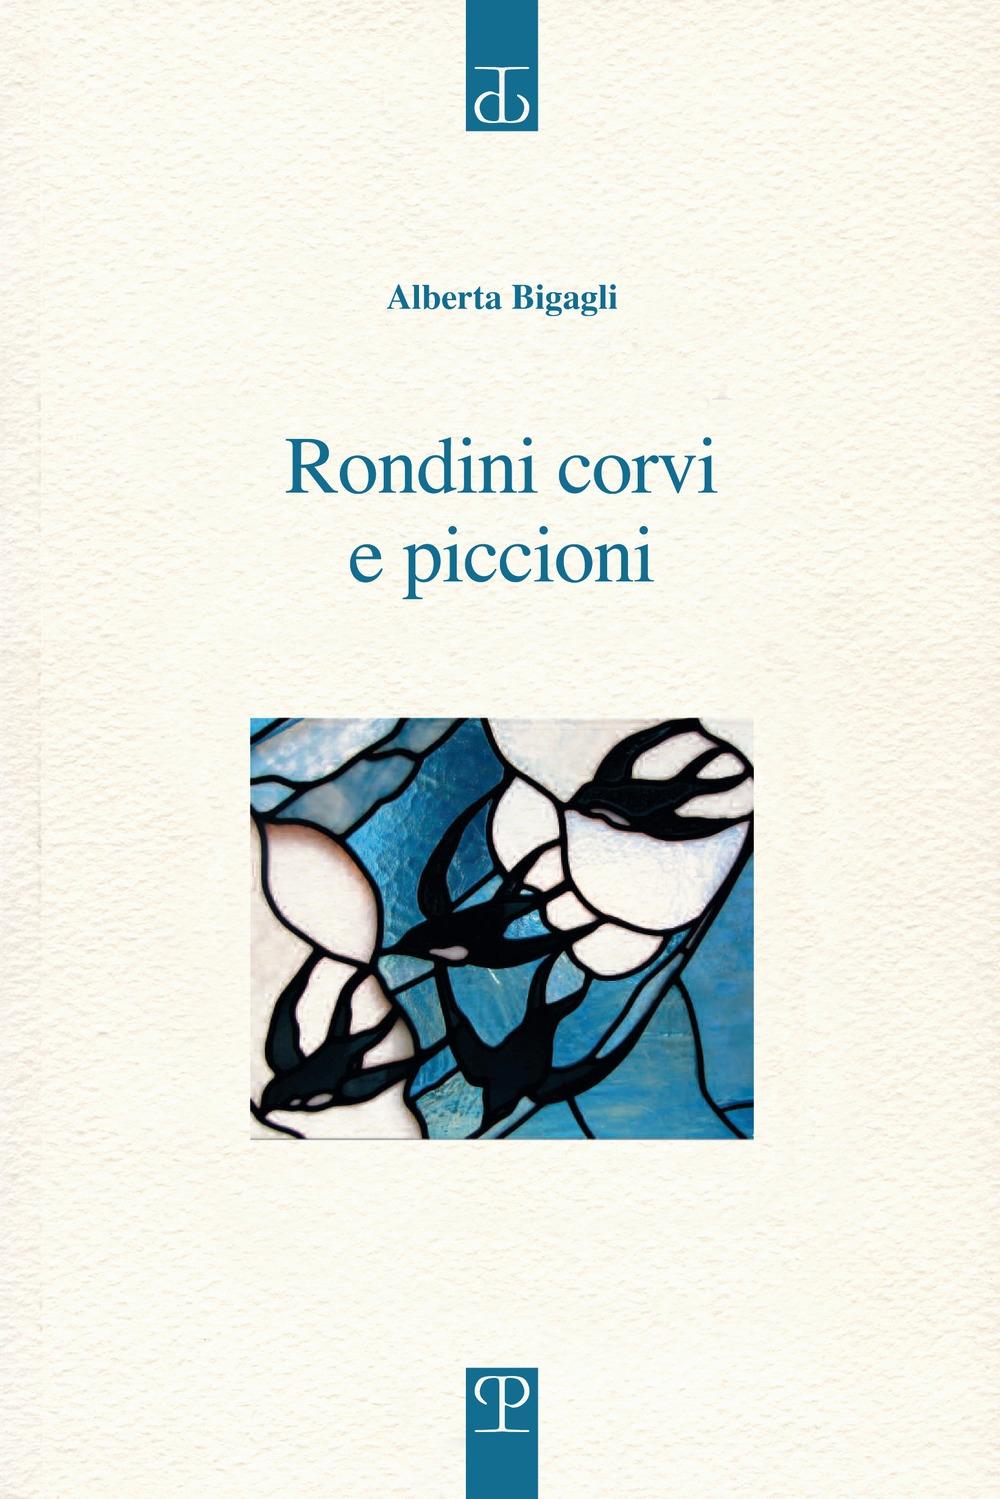 Rondini corvi e piccioni. Poesia. Inizio: 2009.